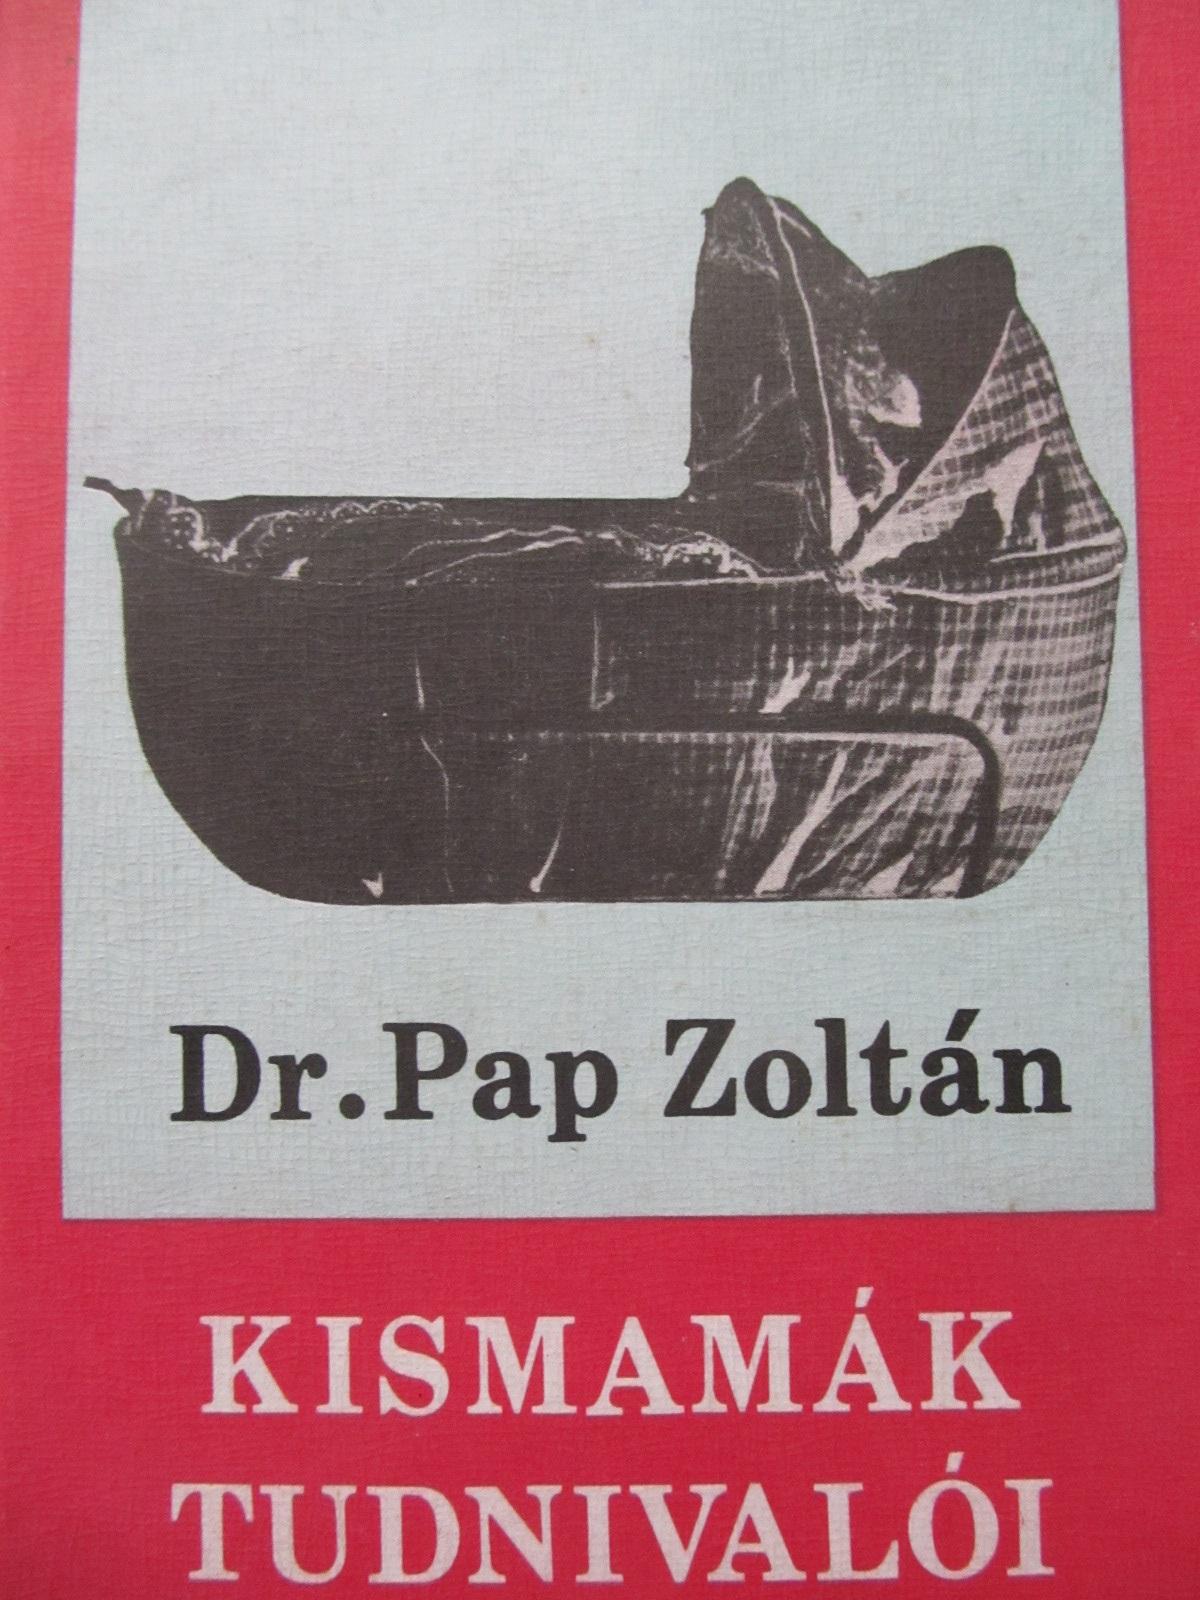 Kismamak tudnivaloi - Pap Zoltan | Detalii carte